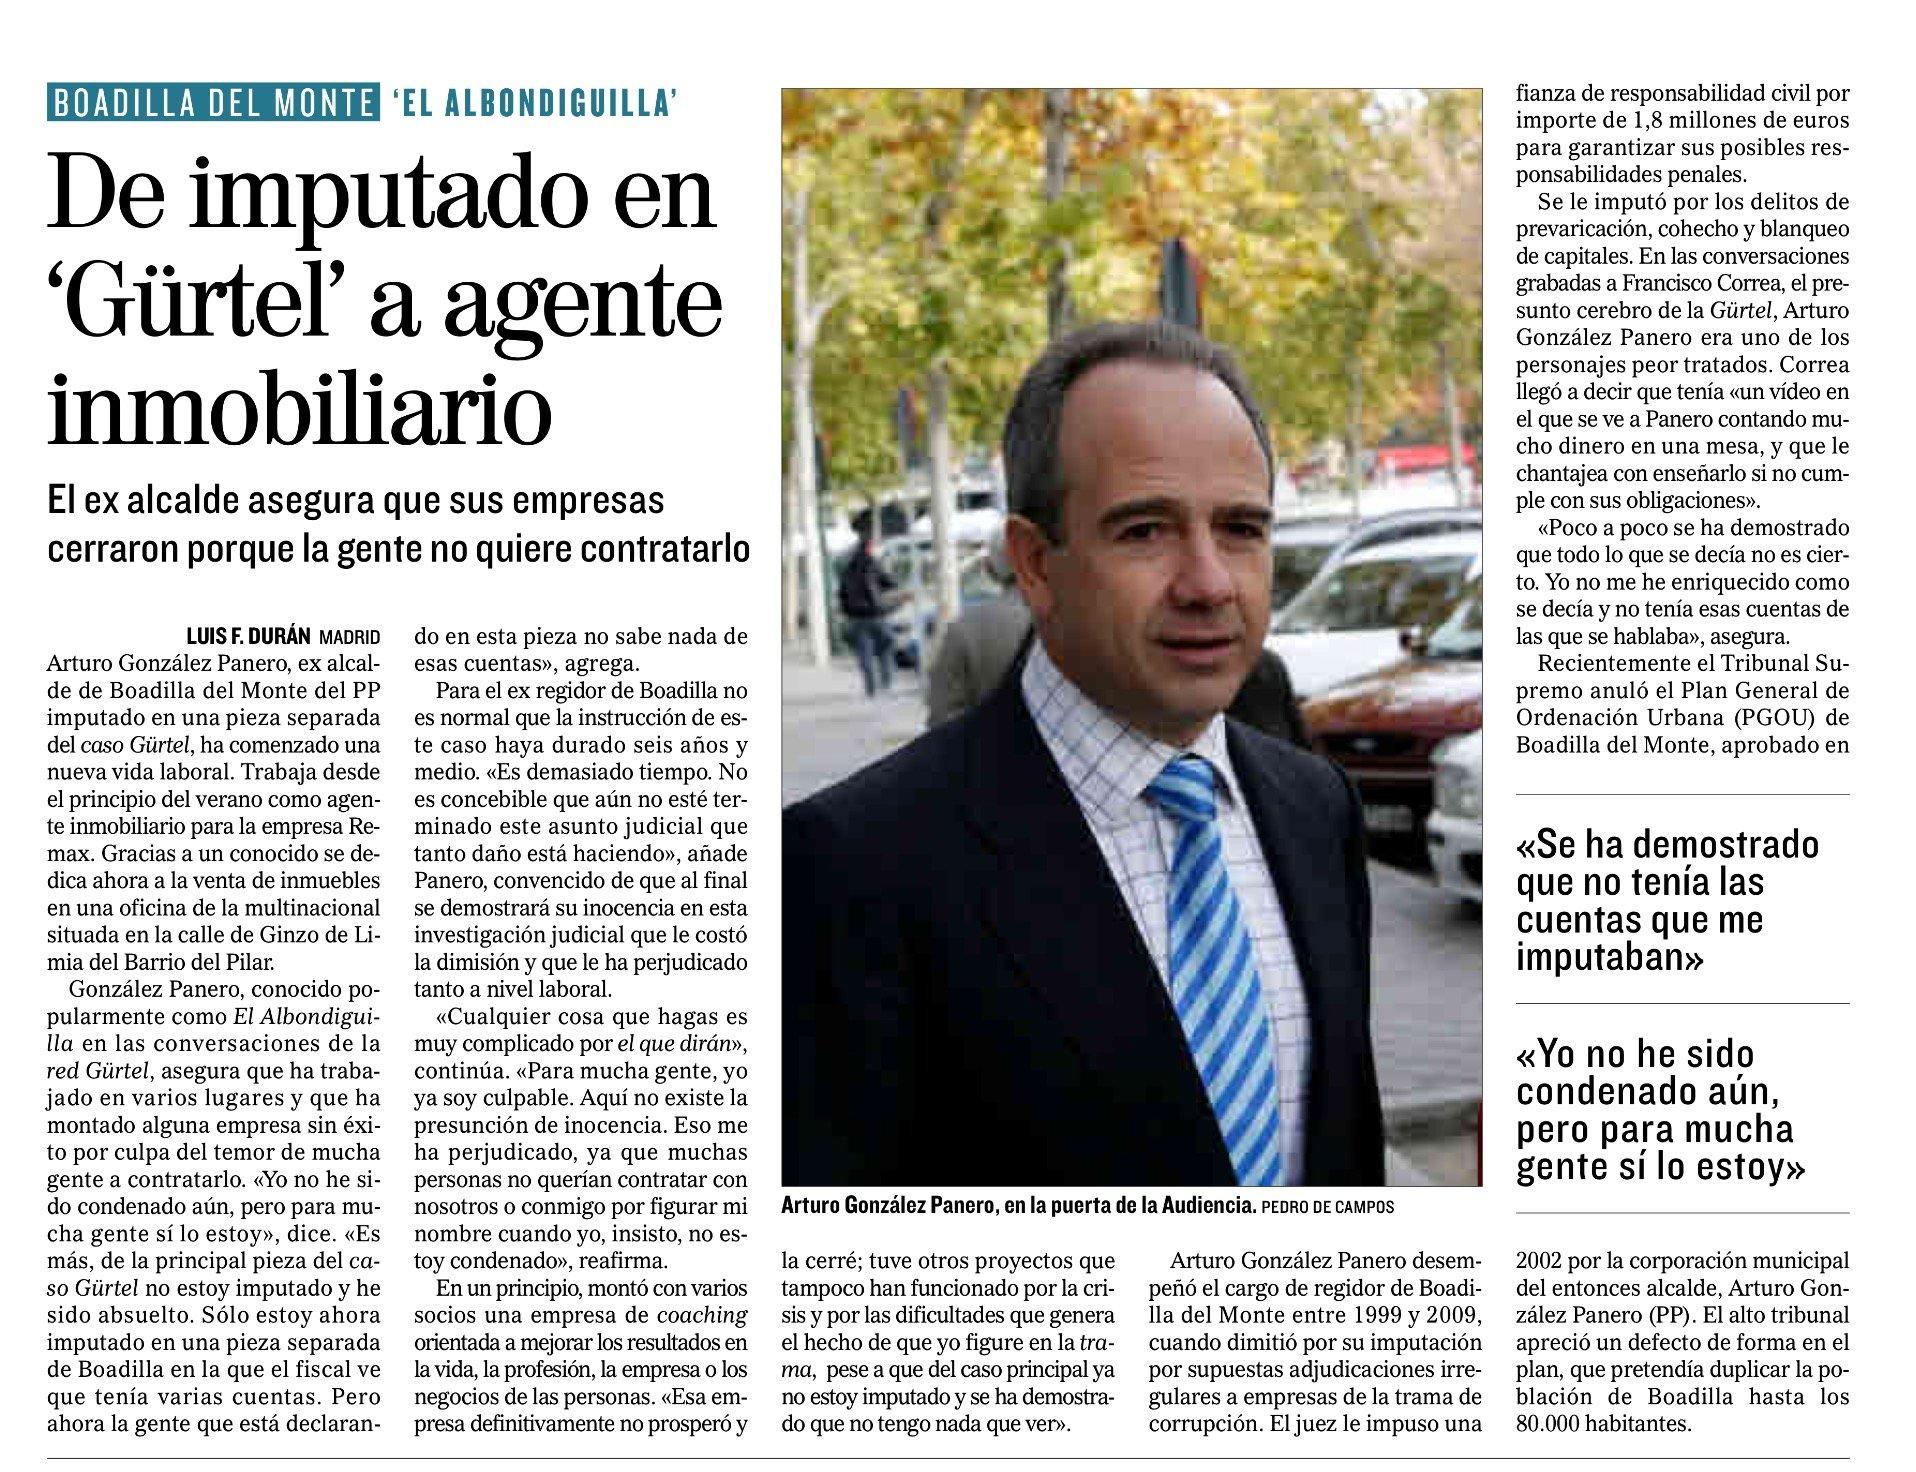 Entrevista-El-Albondiguilla-Arturo-Gonzalez-Panero-El-Mundo-Agente-Inmobiliario